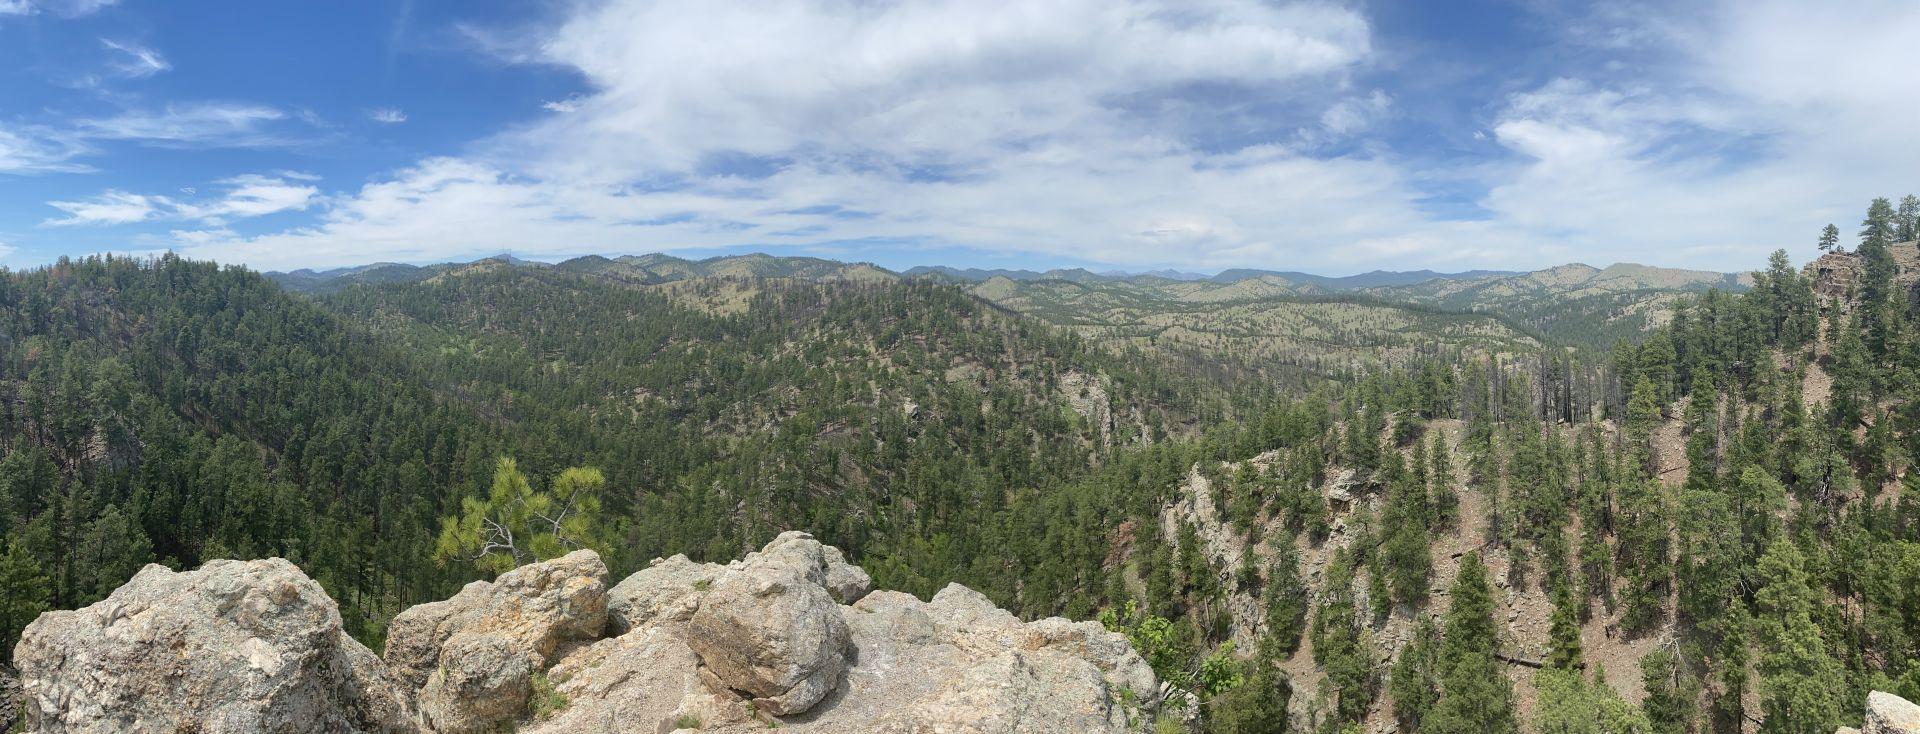 Adventures in the Black Hills